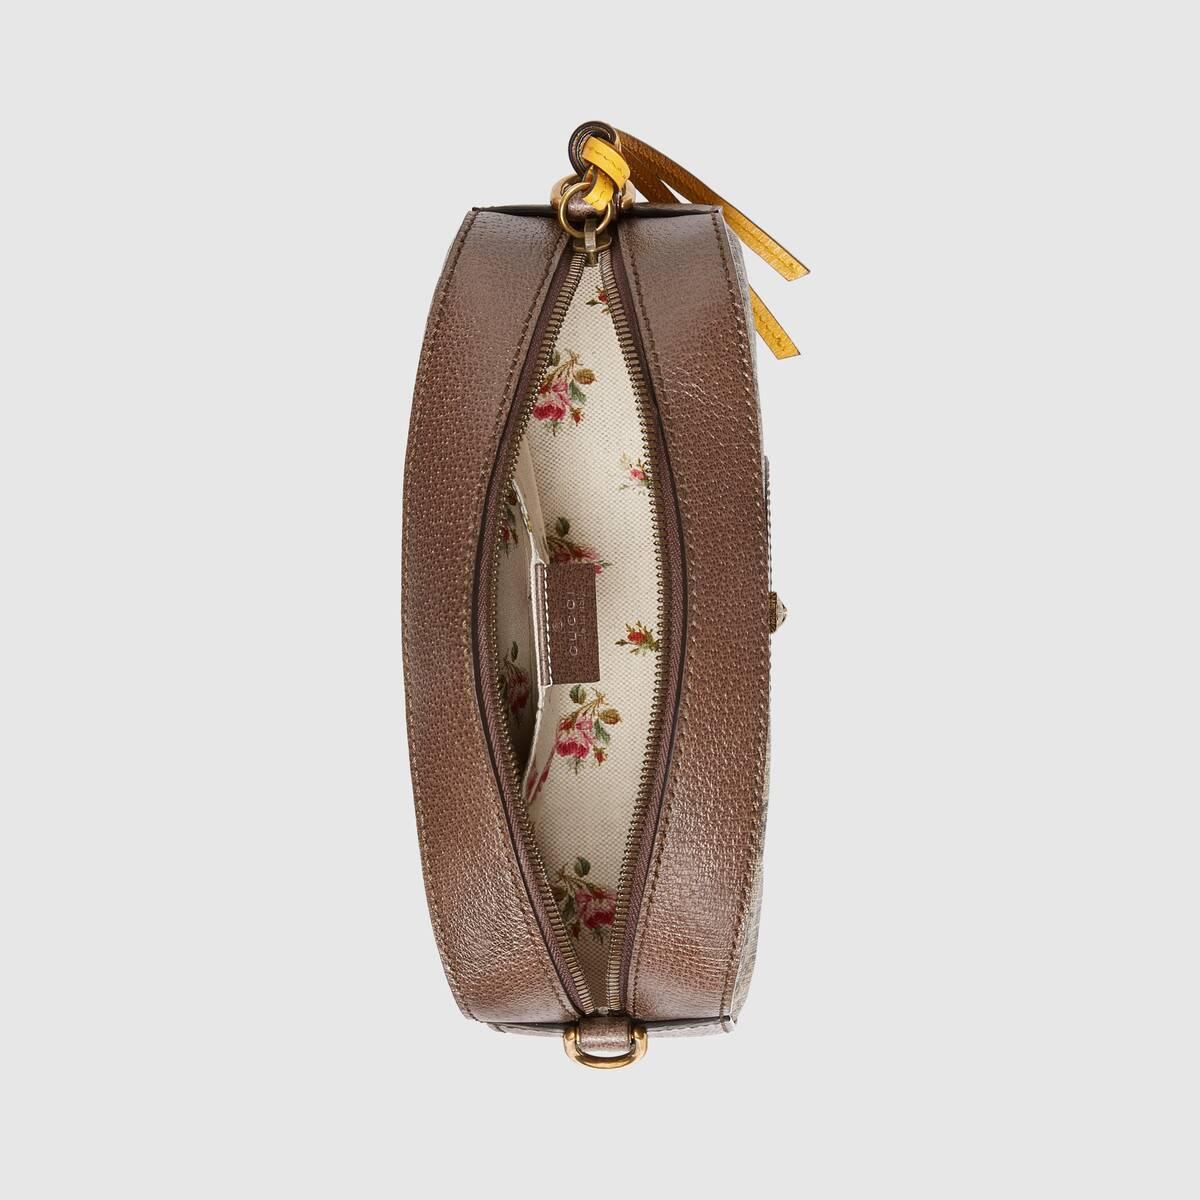 GUCCI Satchels Neo Vintage GG Supreme messenger bag 5